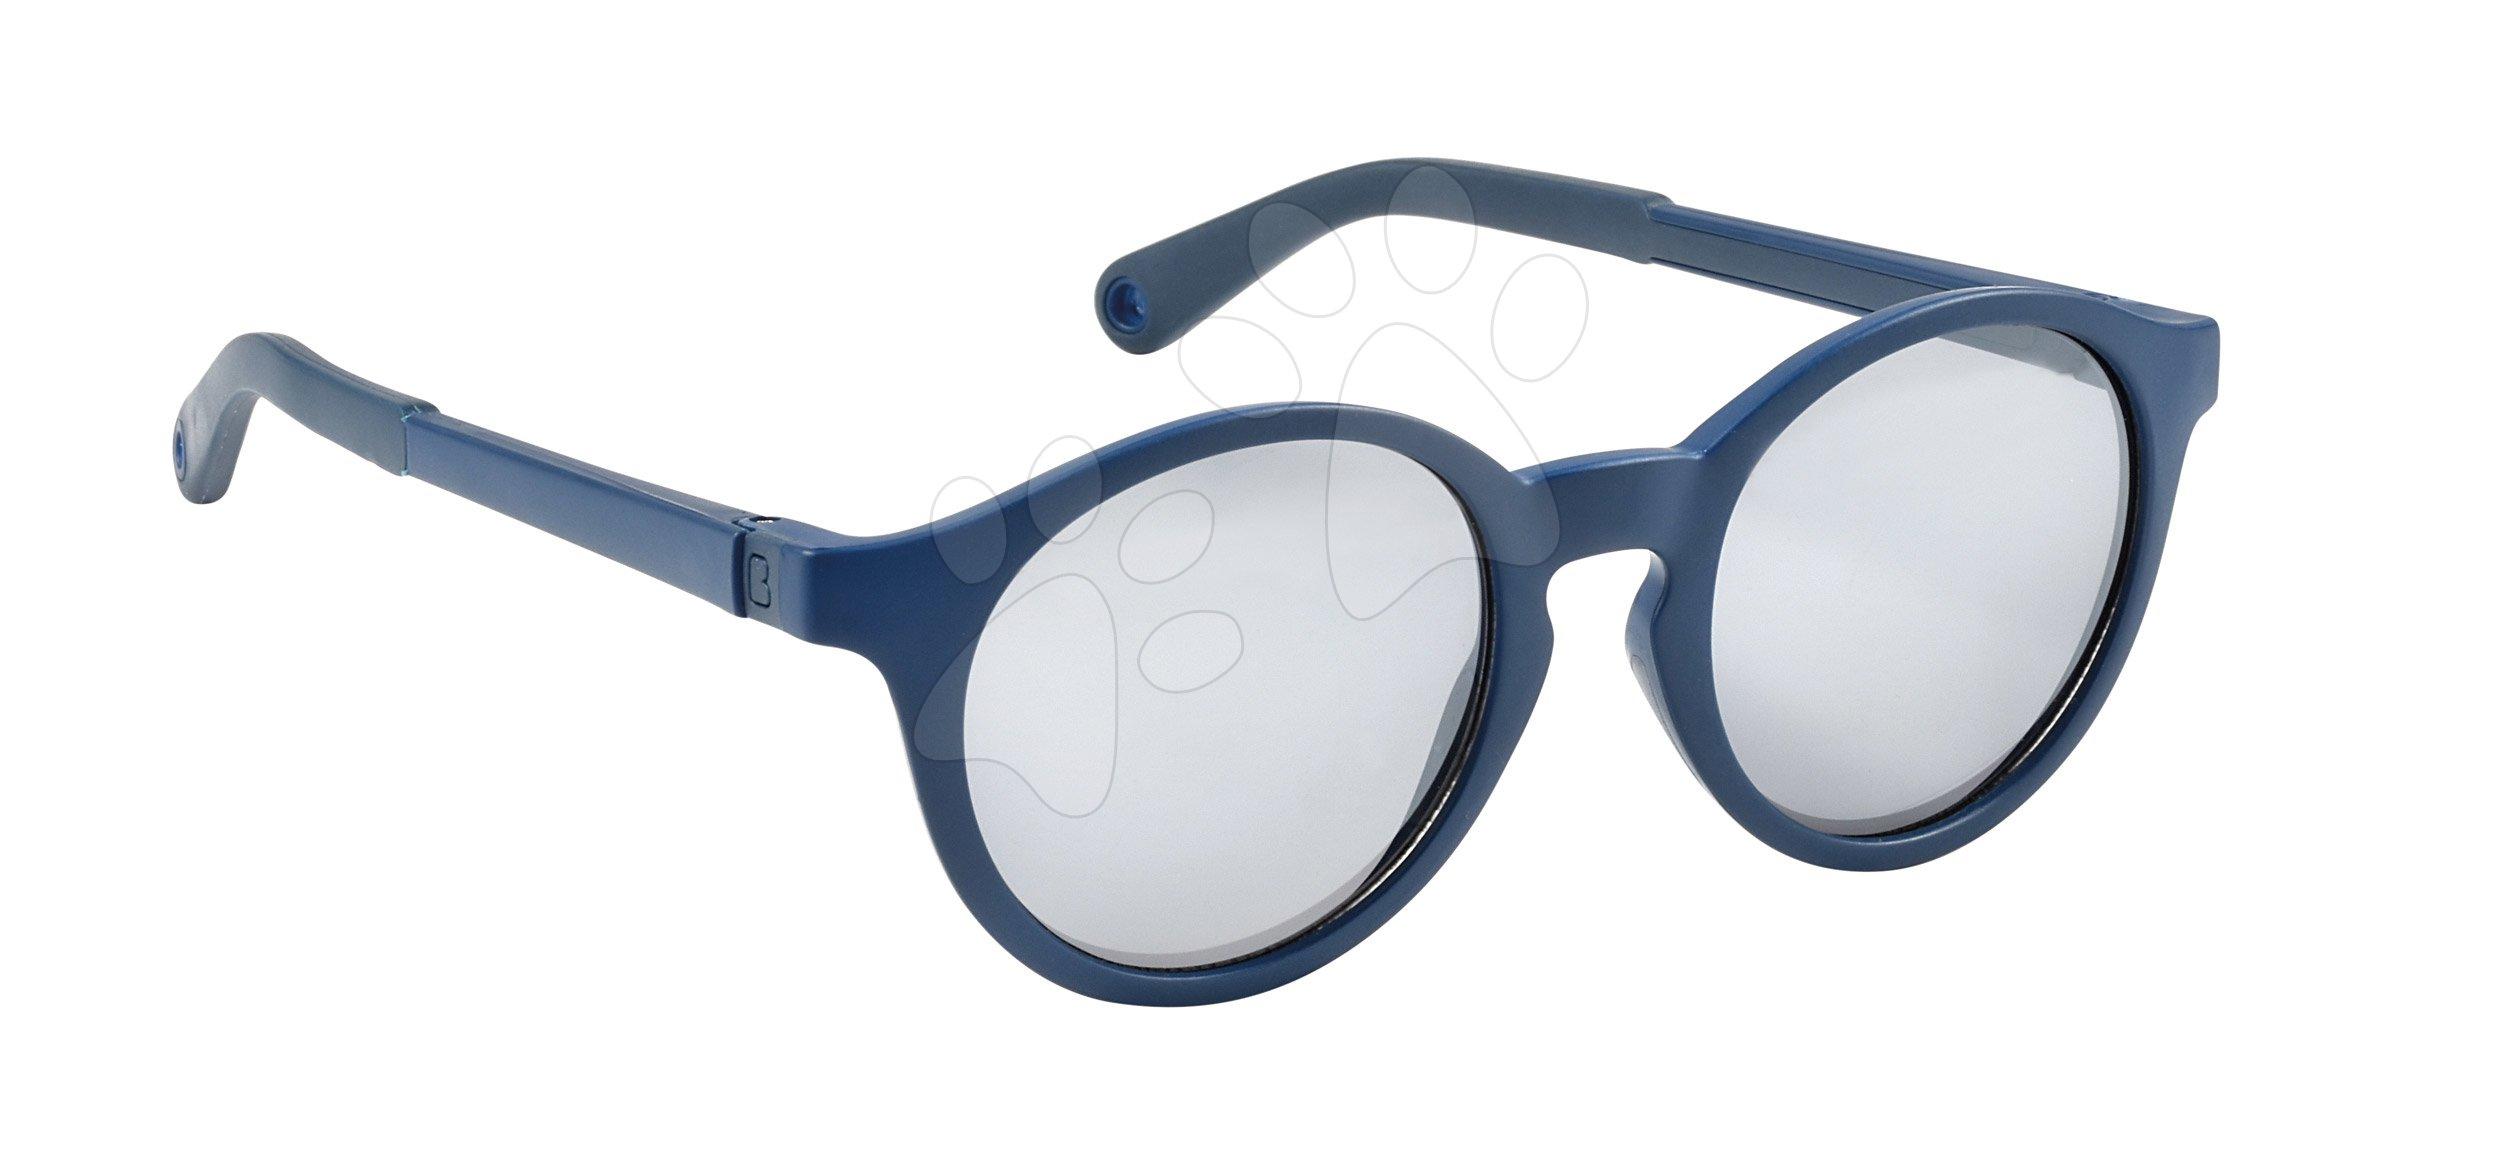 Slnečné okuliare pre deti Beaba Baby L Blue Marine od 4-6 rokov modré